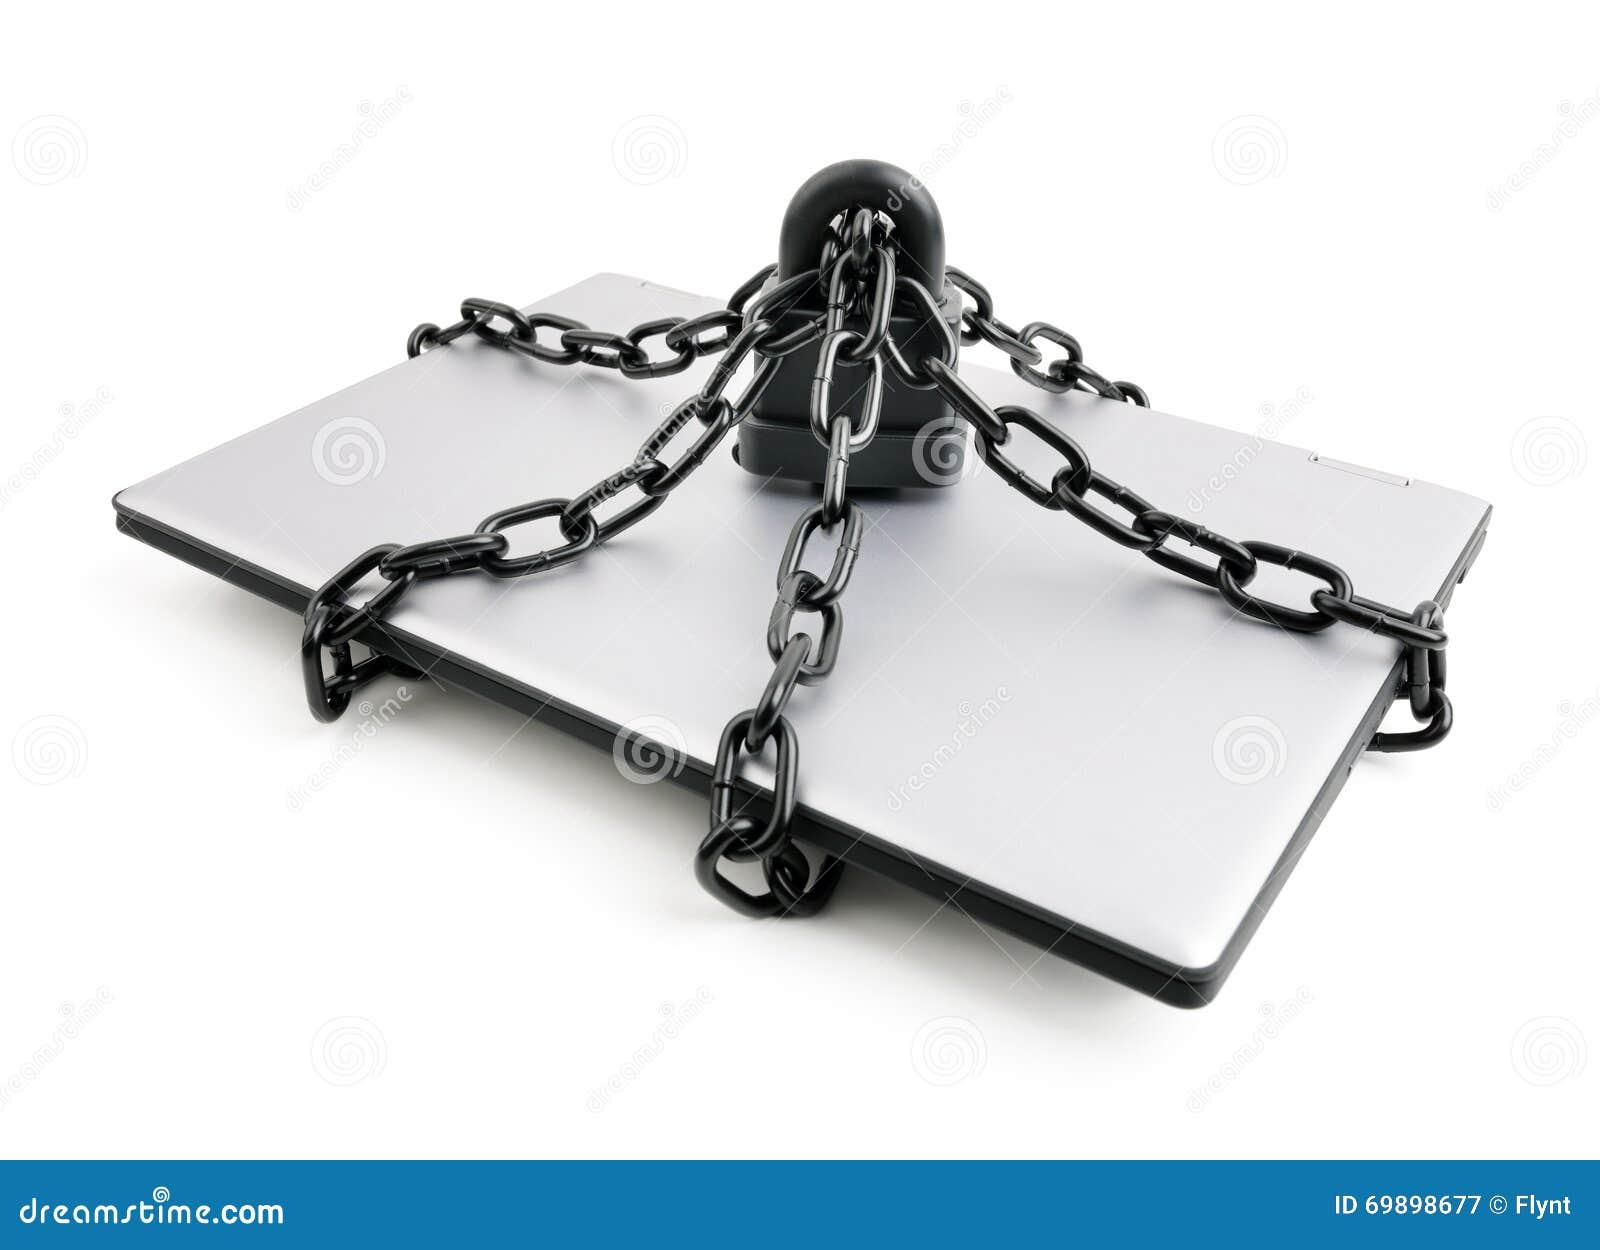 Seguridad del ordenador y de Internet